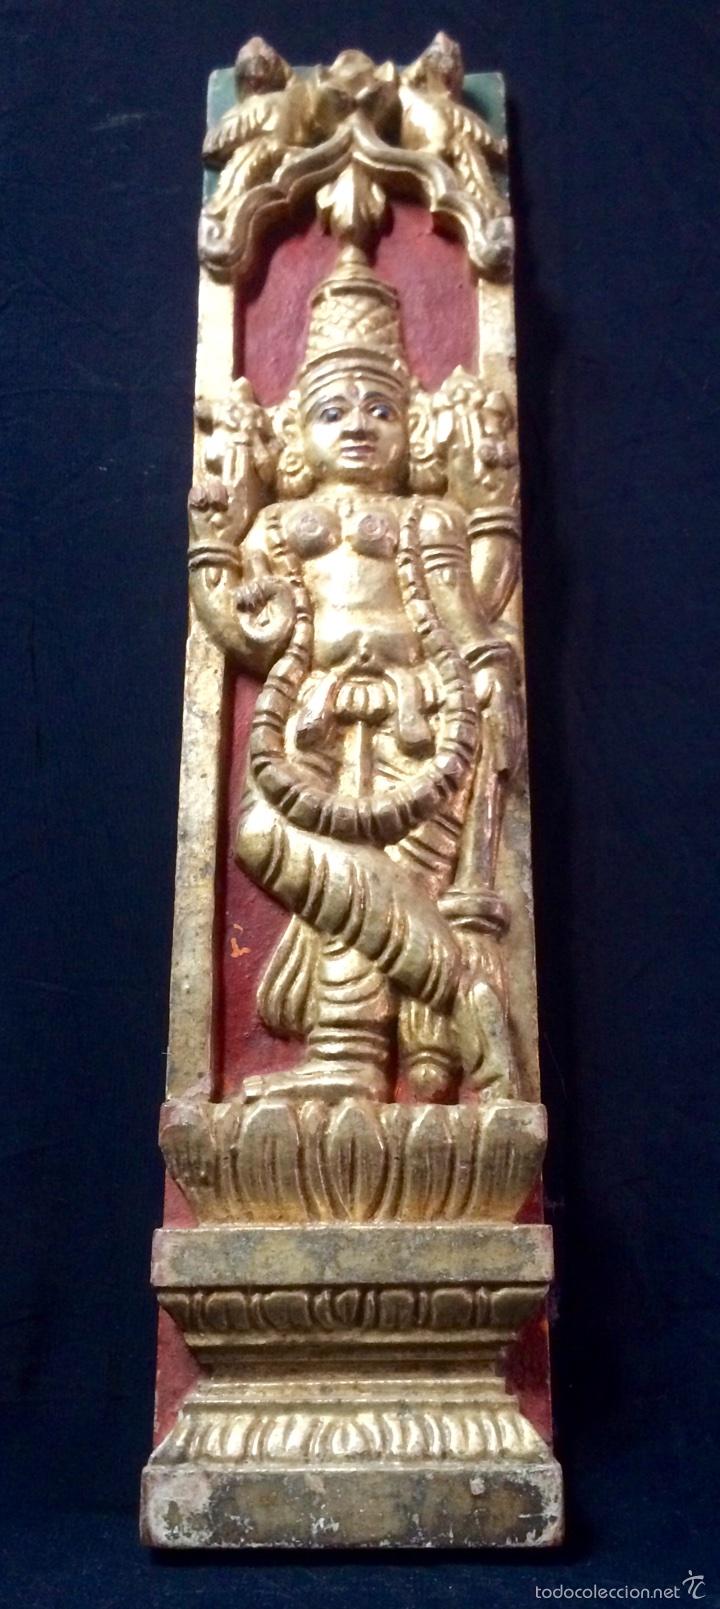 Arte: Tallas en altorelieve orientales, principios siglo XX. - Foto 12 - 66341313